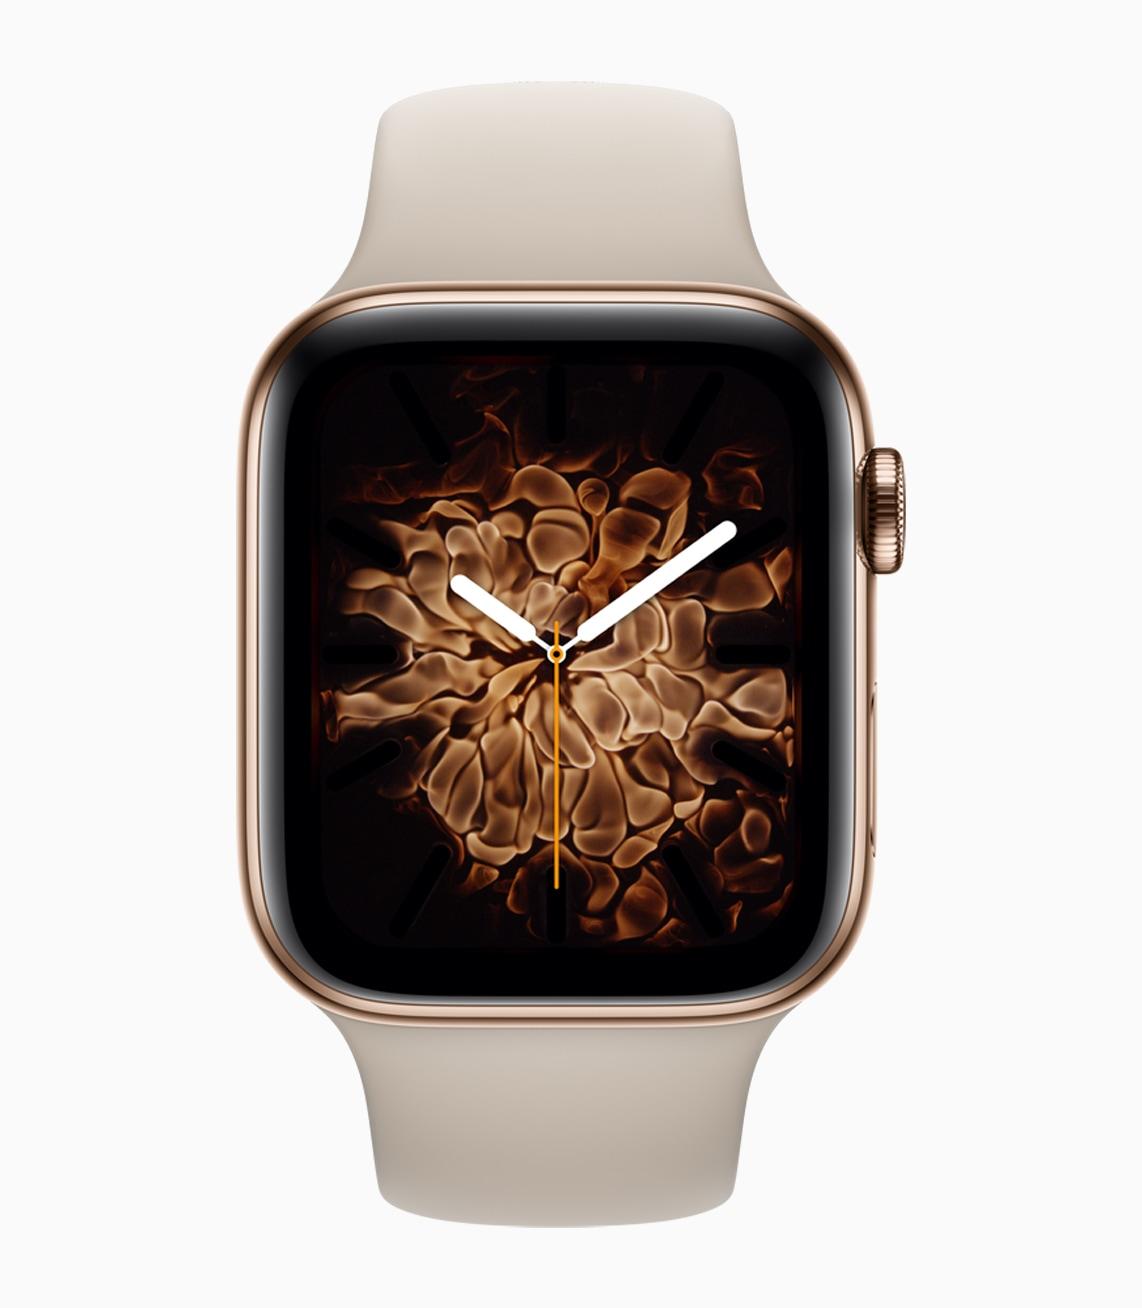 Mostrador de fogo no Apple Watch Series 4